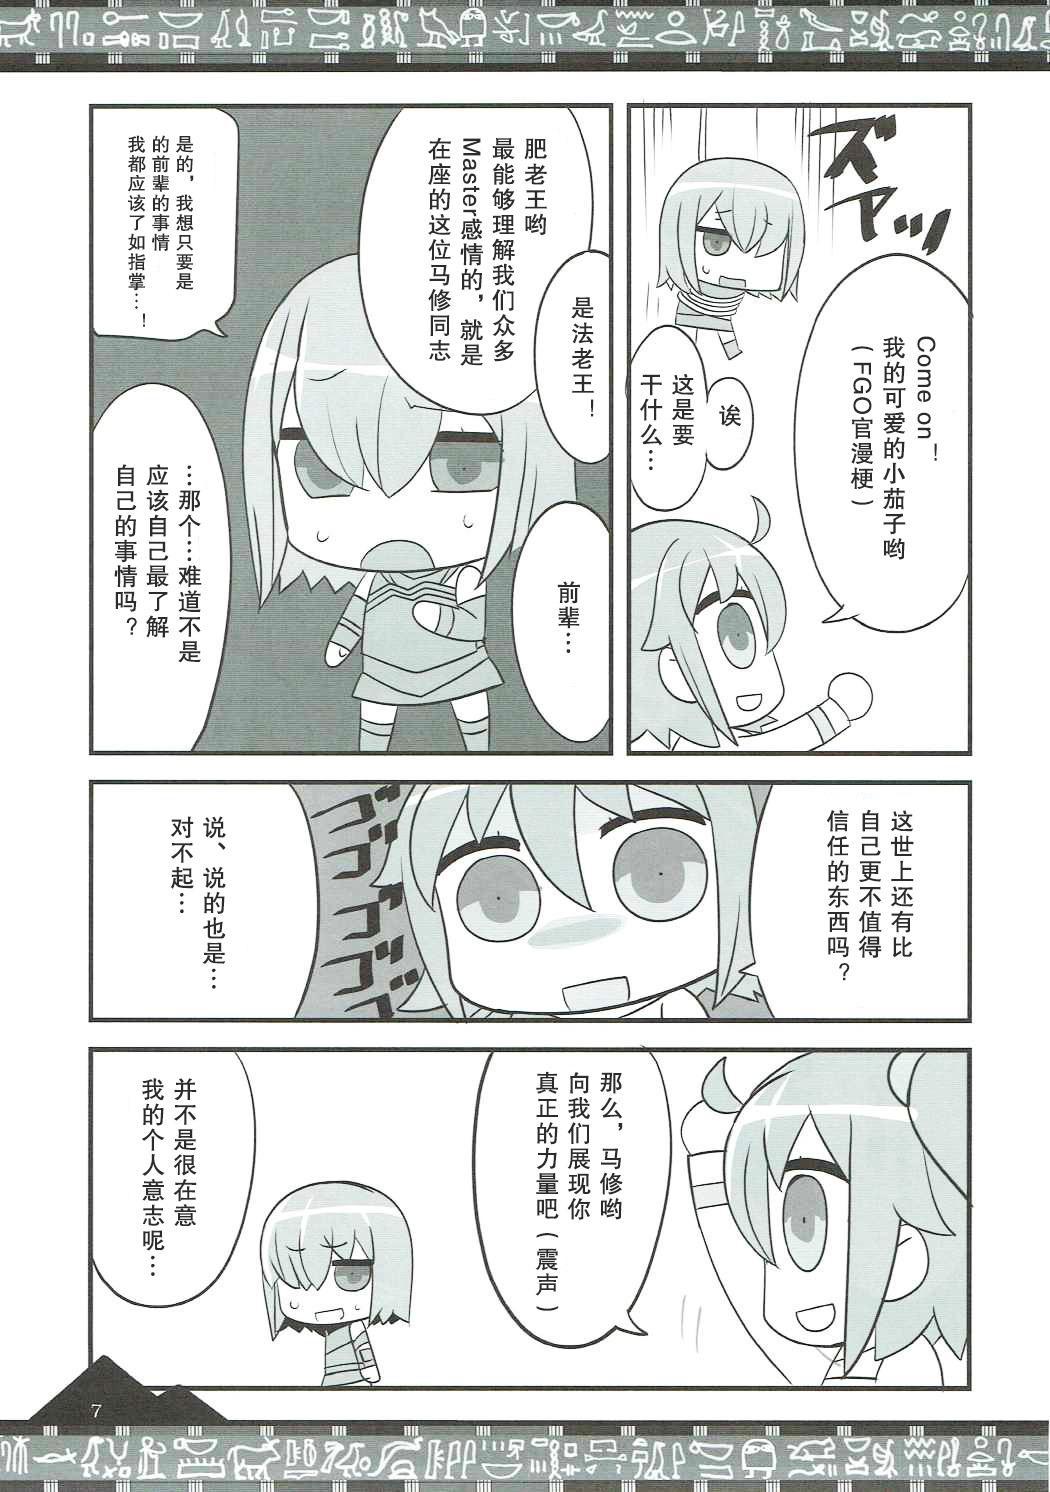 Osuki ni Demasei! | 如君所愿DE MA SEI! 6